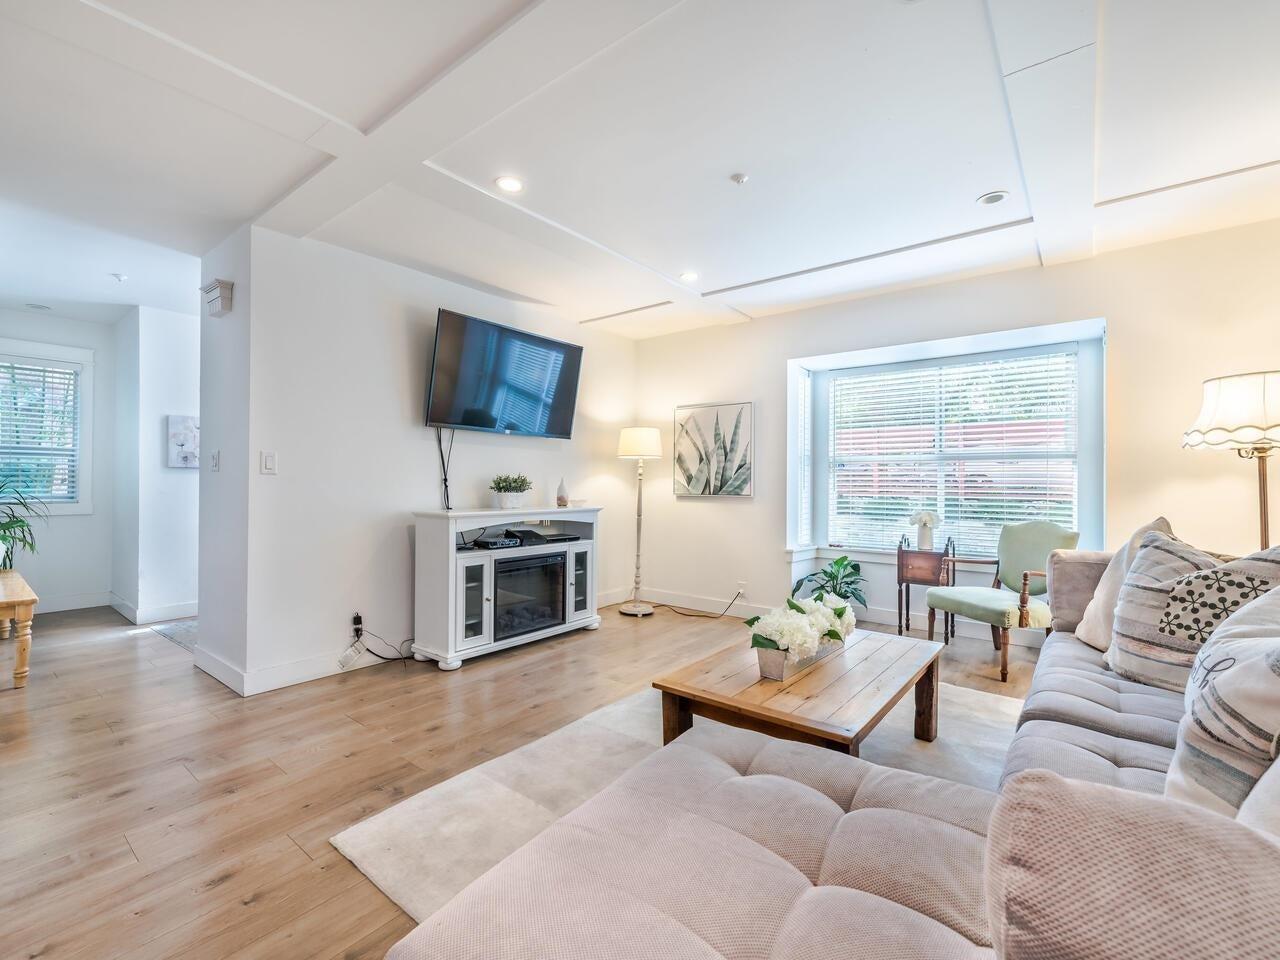 1231 E 11TH AVENUE - Mount Pleasant VE 1/2 Duplex for sale, 3 Bedrooms (R2625828) - #11